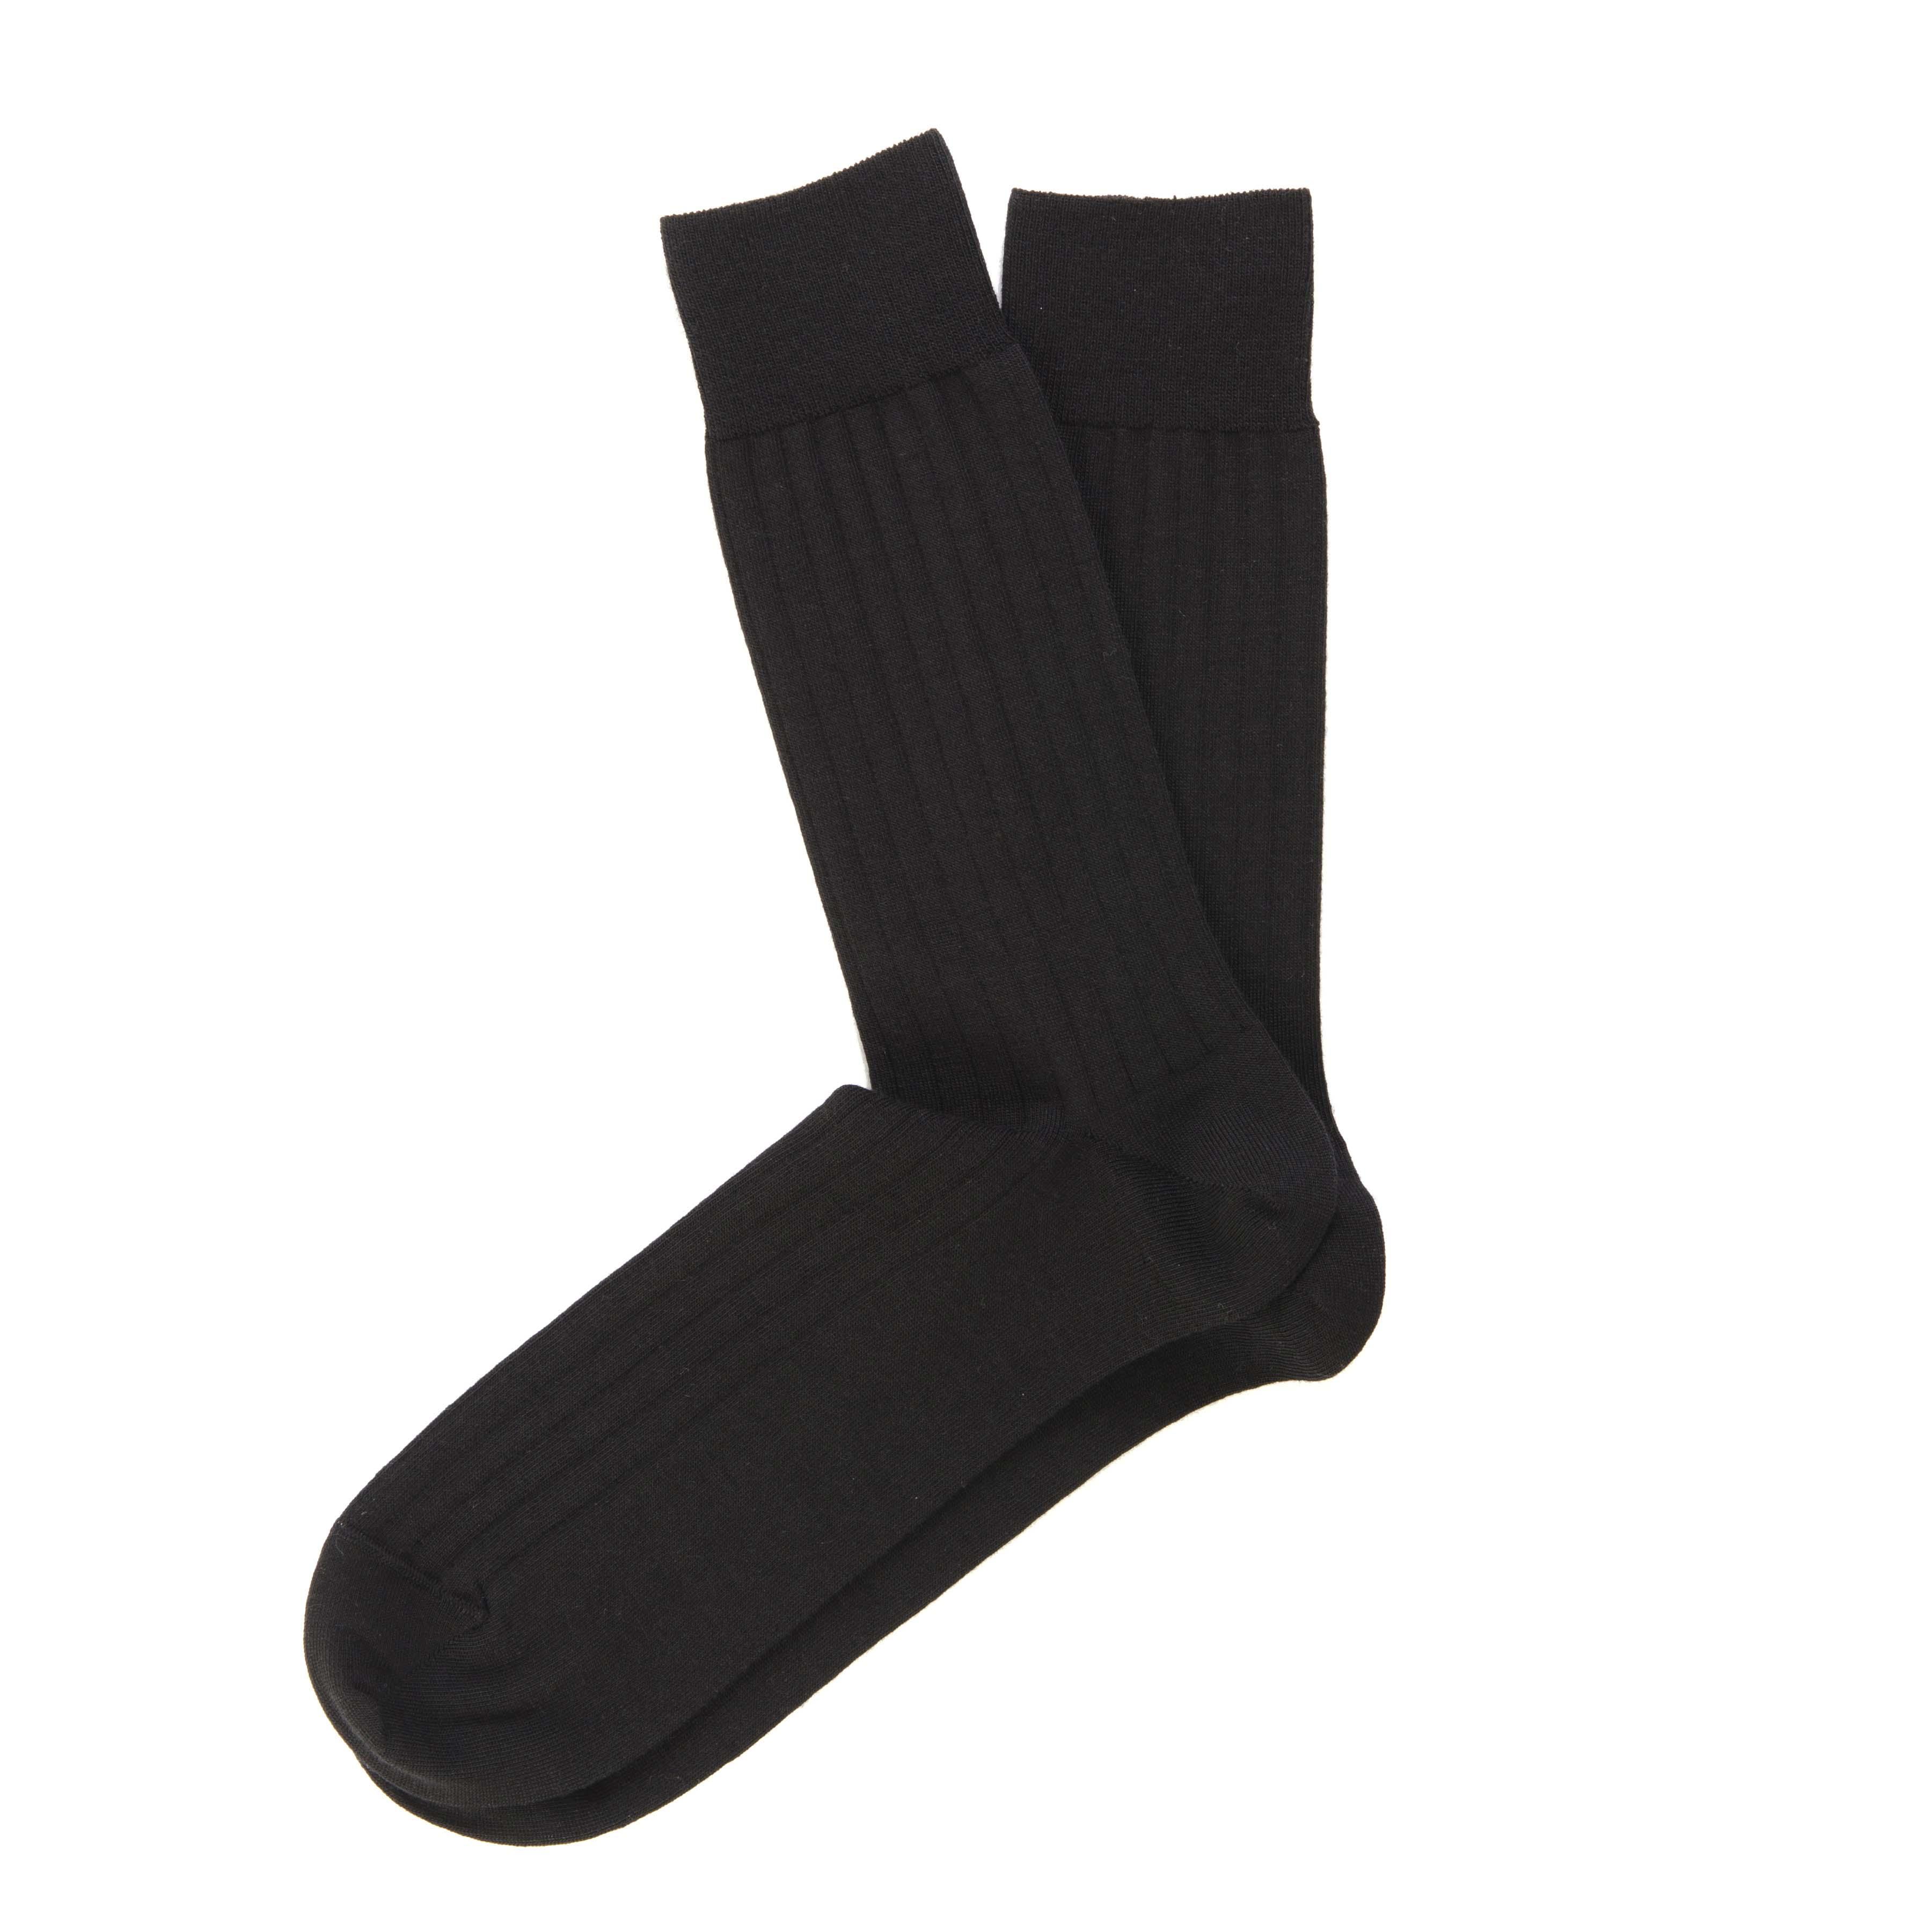 Socks black, ribknit